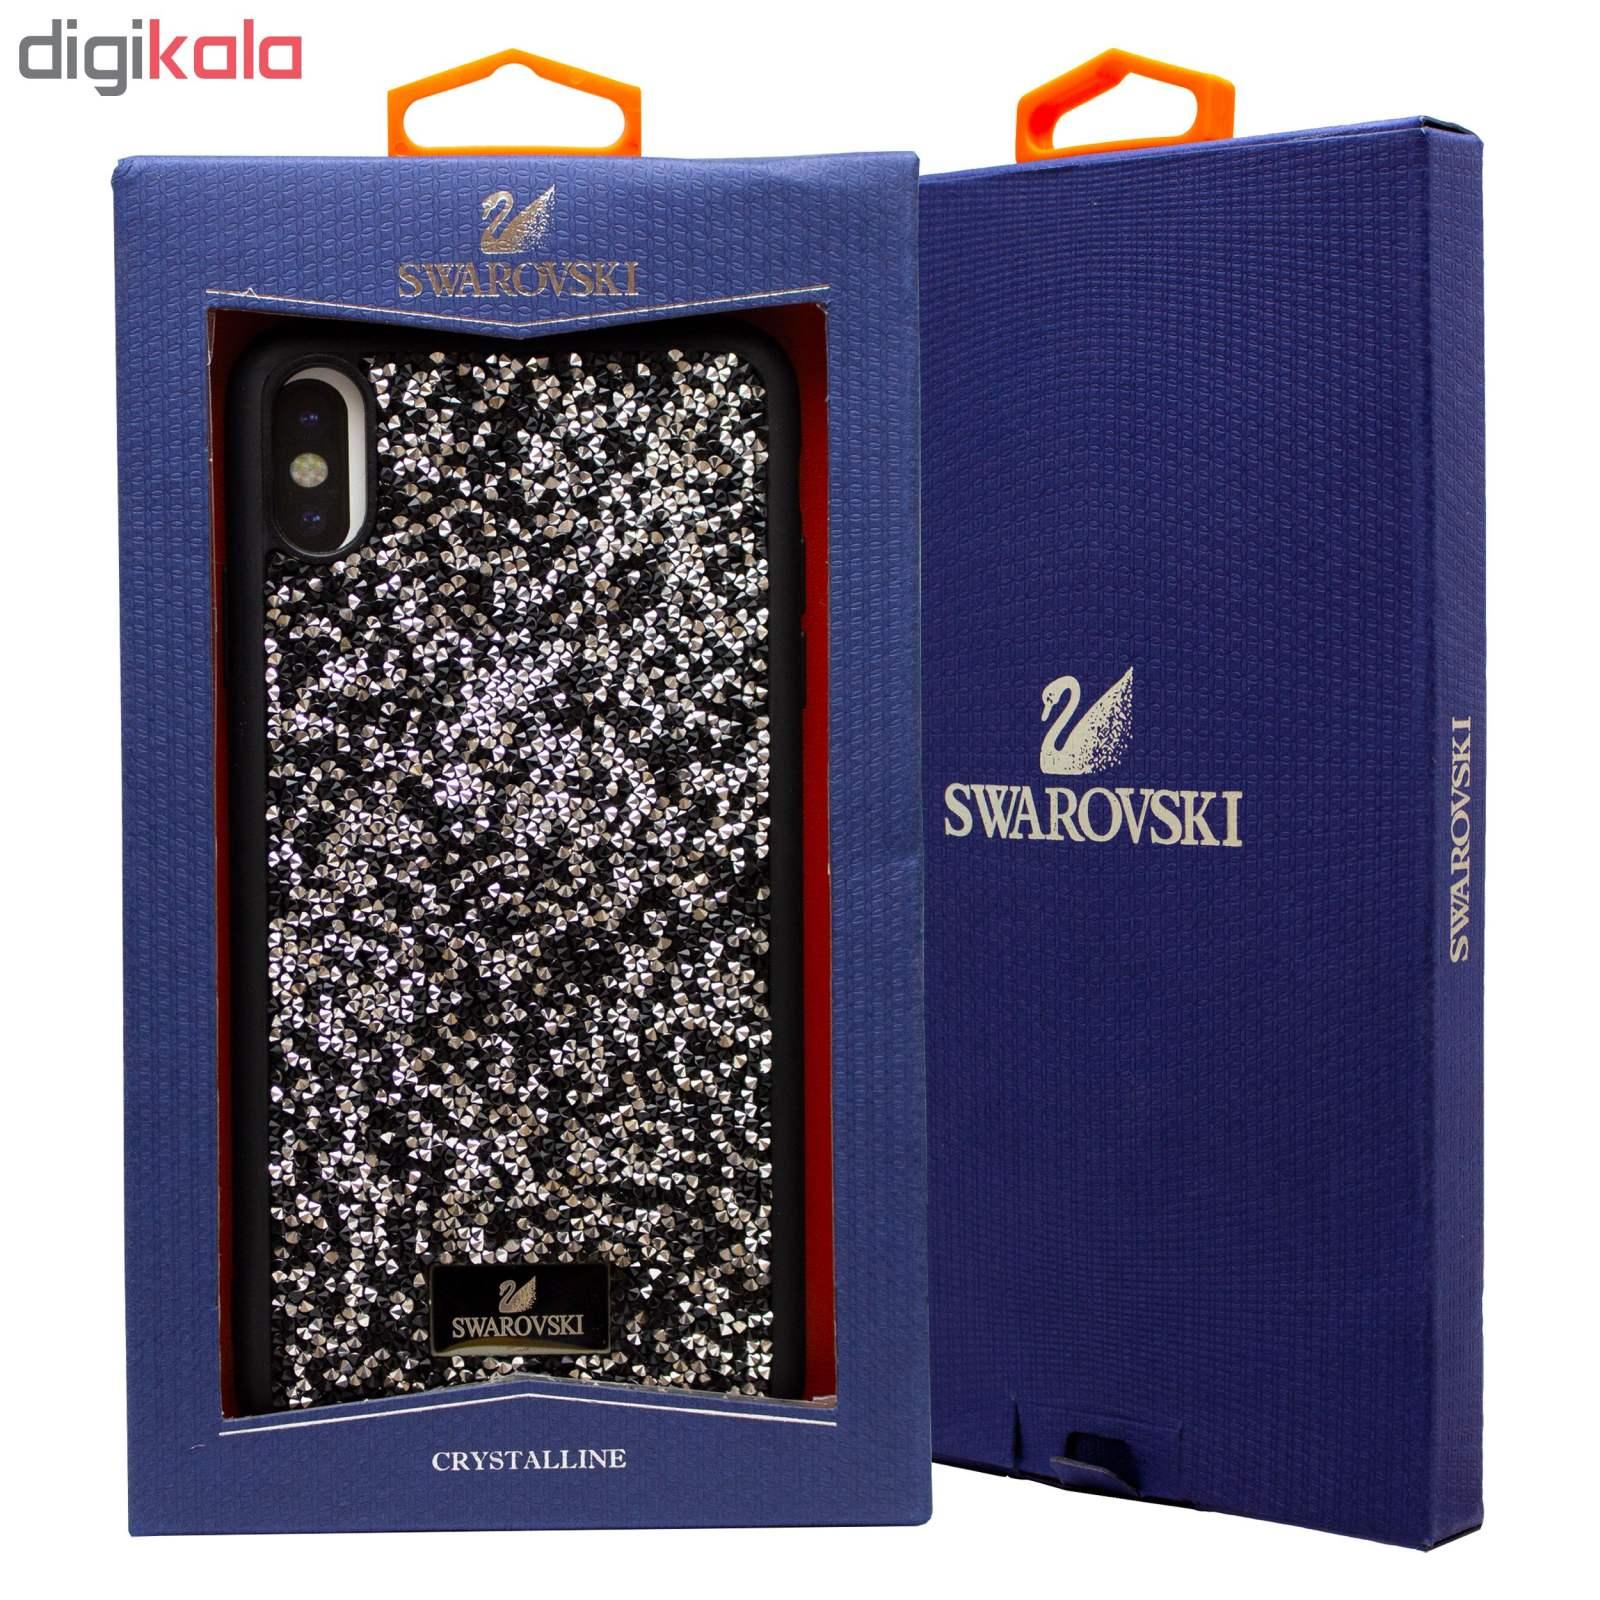 کاور مدل SwarvS1 مناسب برای گوشی موبایل اپل IPhone Xs Max main 1 2